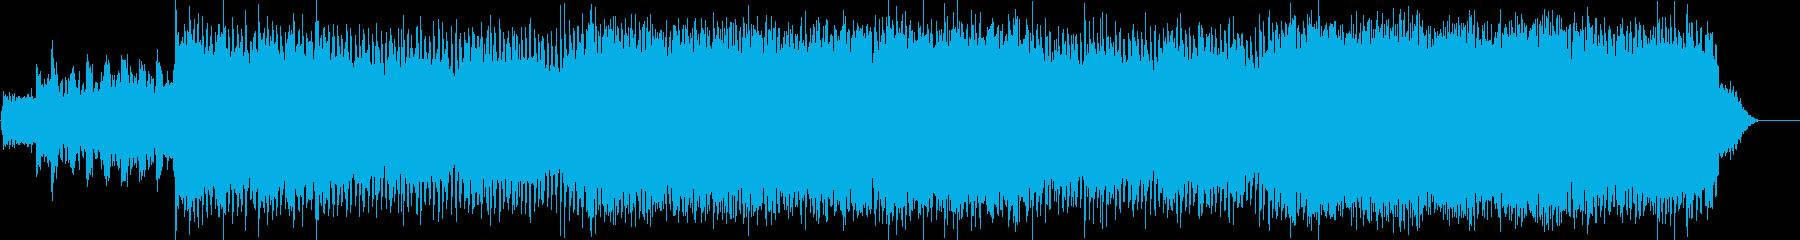 ノリの良い短調のダンスミュージックの再生済みの波形